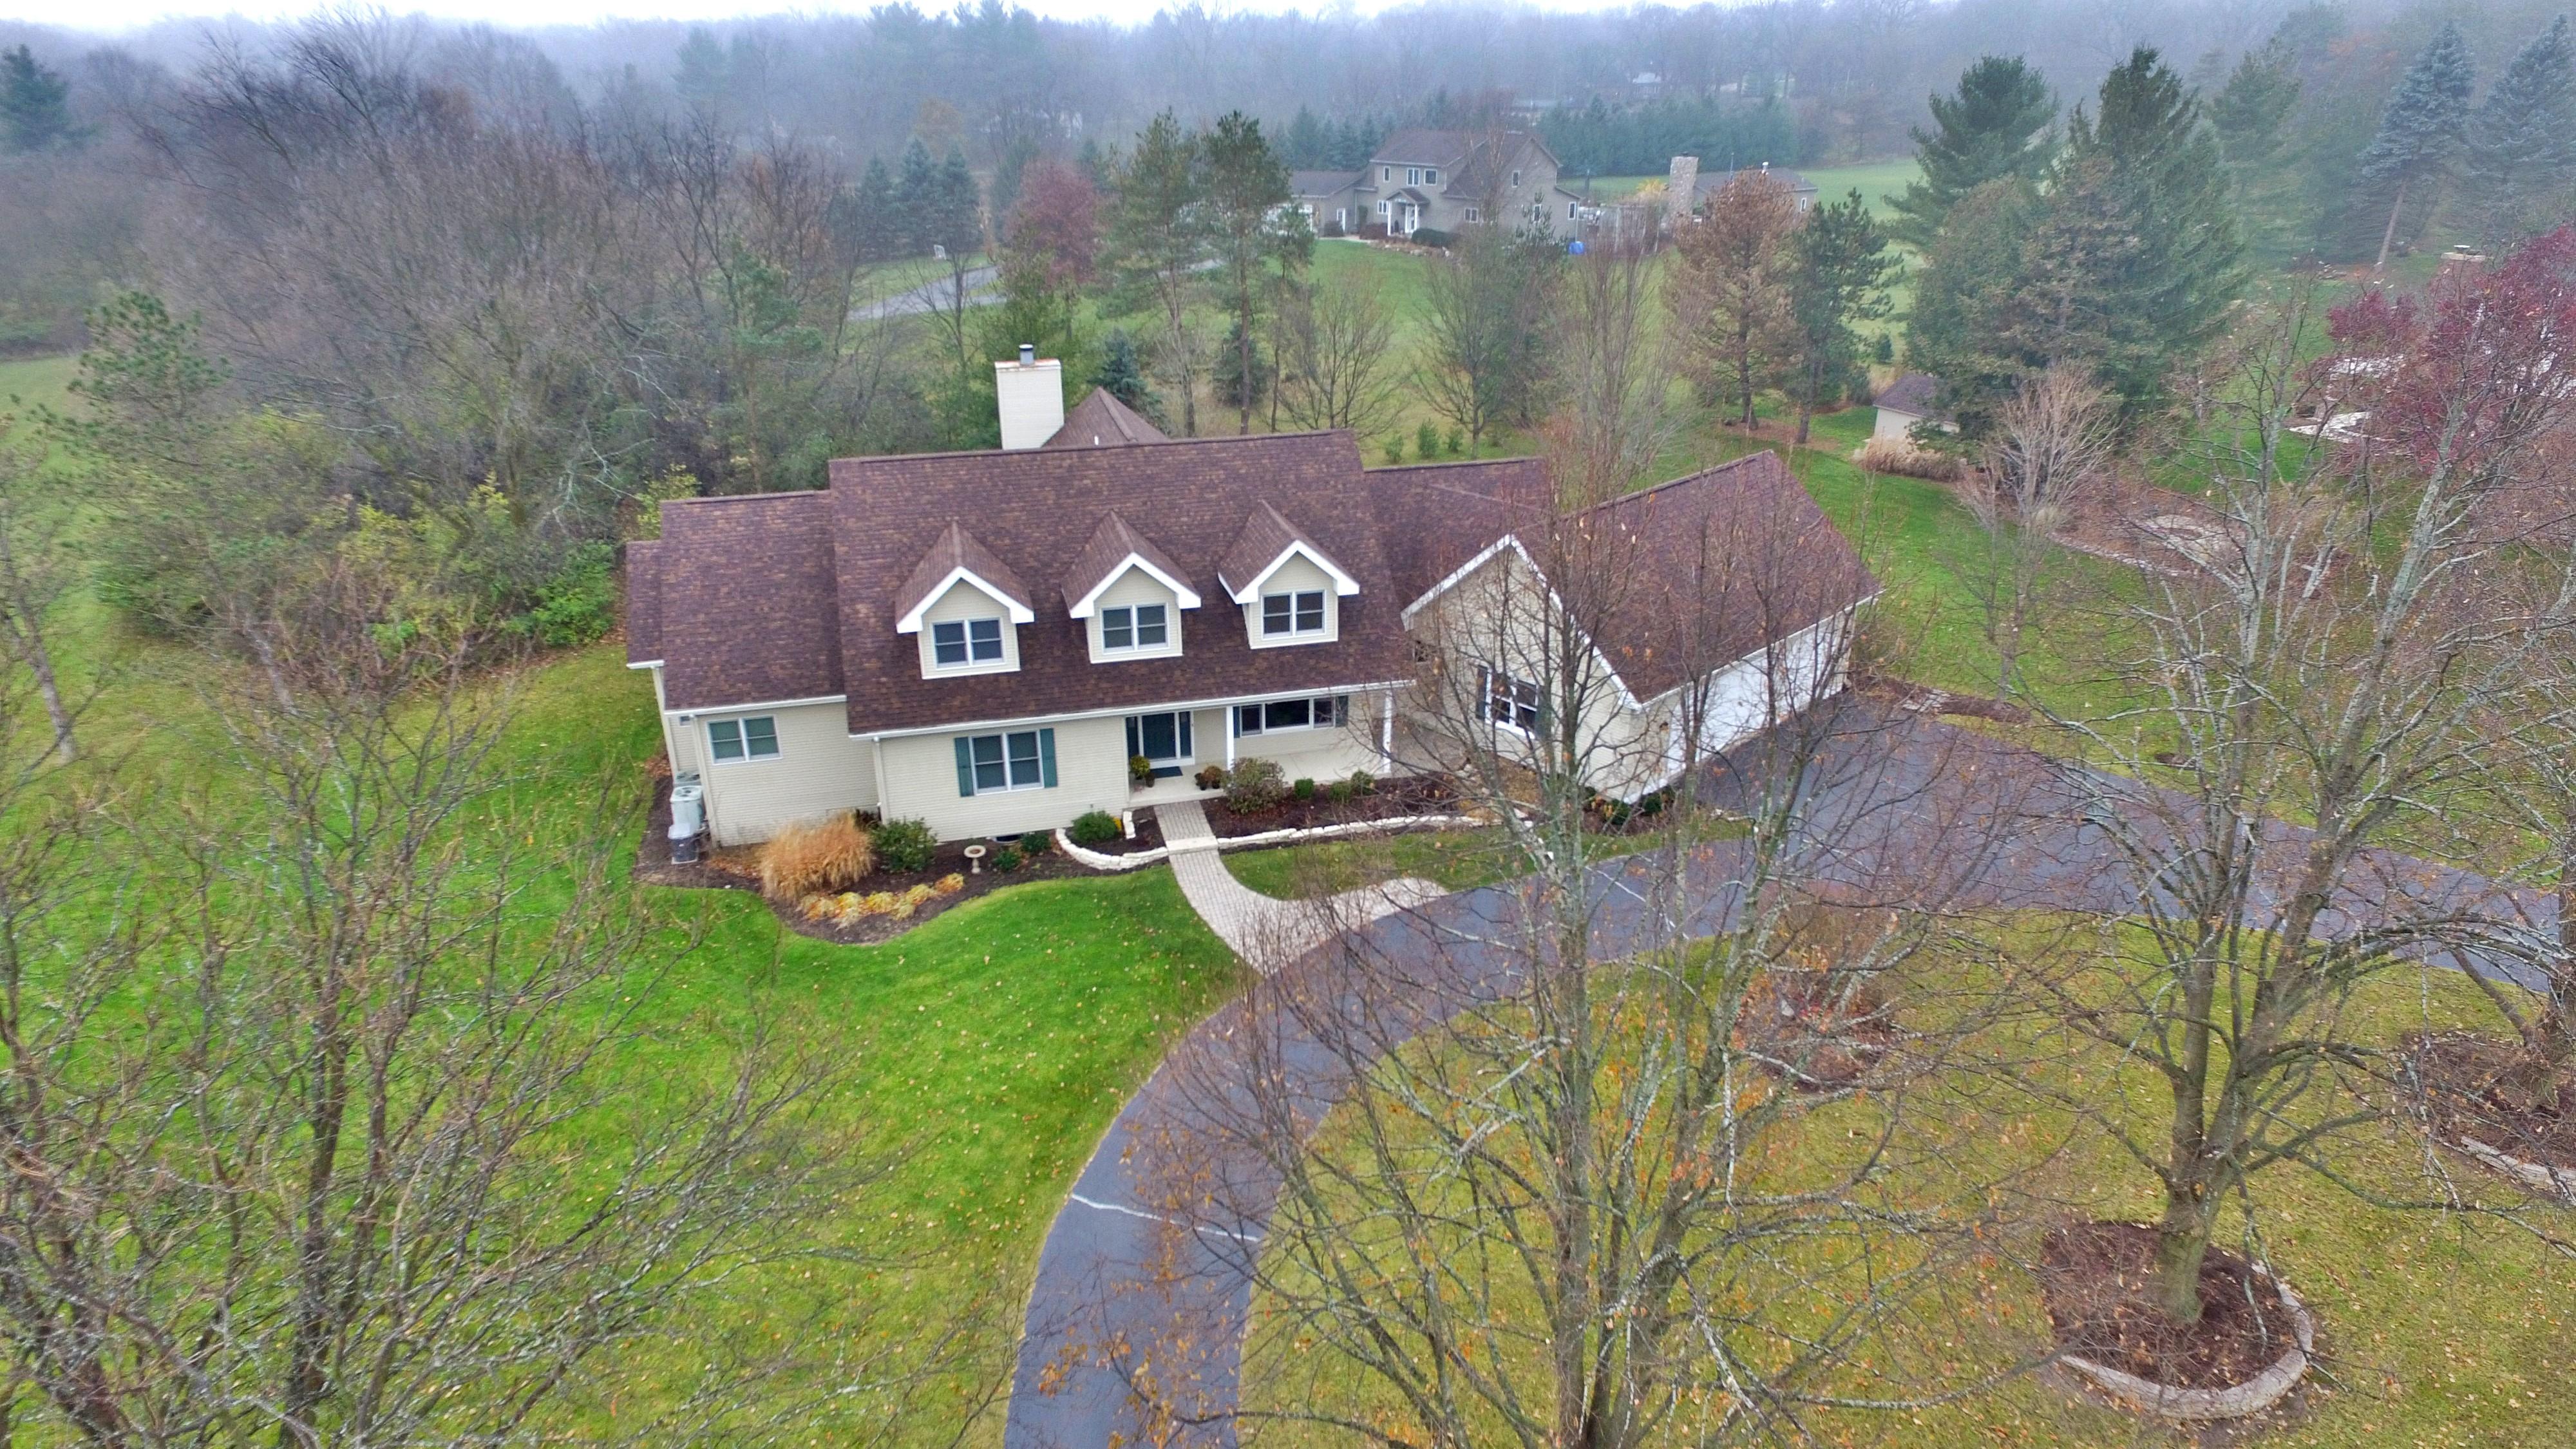 Maison unifamiliale pour l Vente à Custom Home With Open Floorplan 7131 Foxfire Drive Crystal Lake, Illinois, 60012 États-Unis